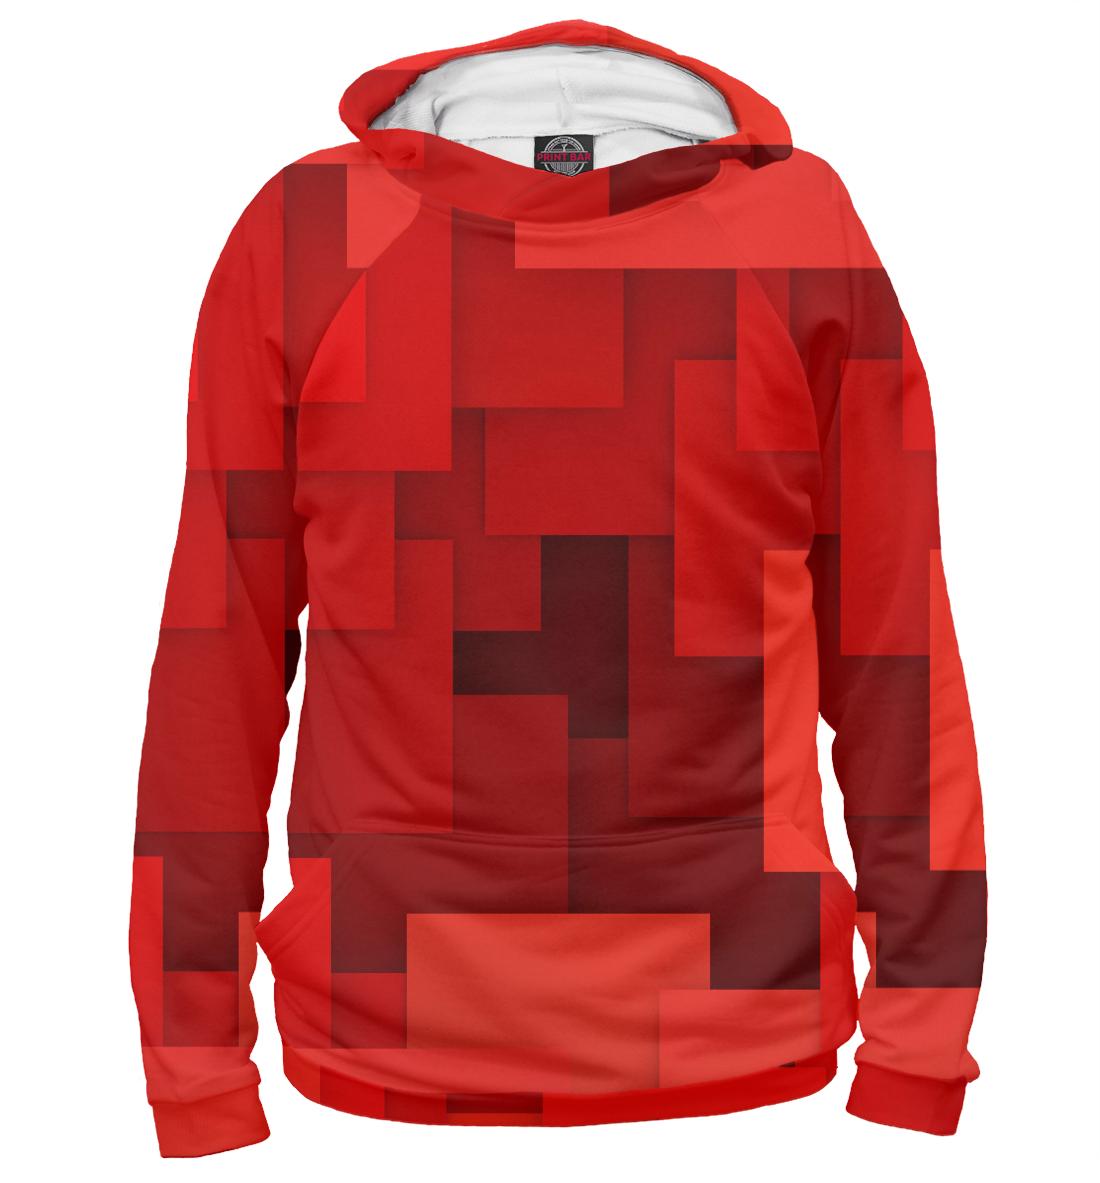 Купить Красная геометрия, Printbar, Худи, GEO-145270-hud-2